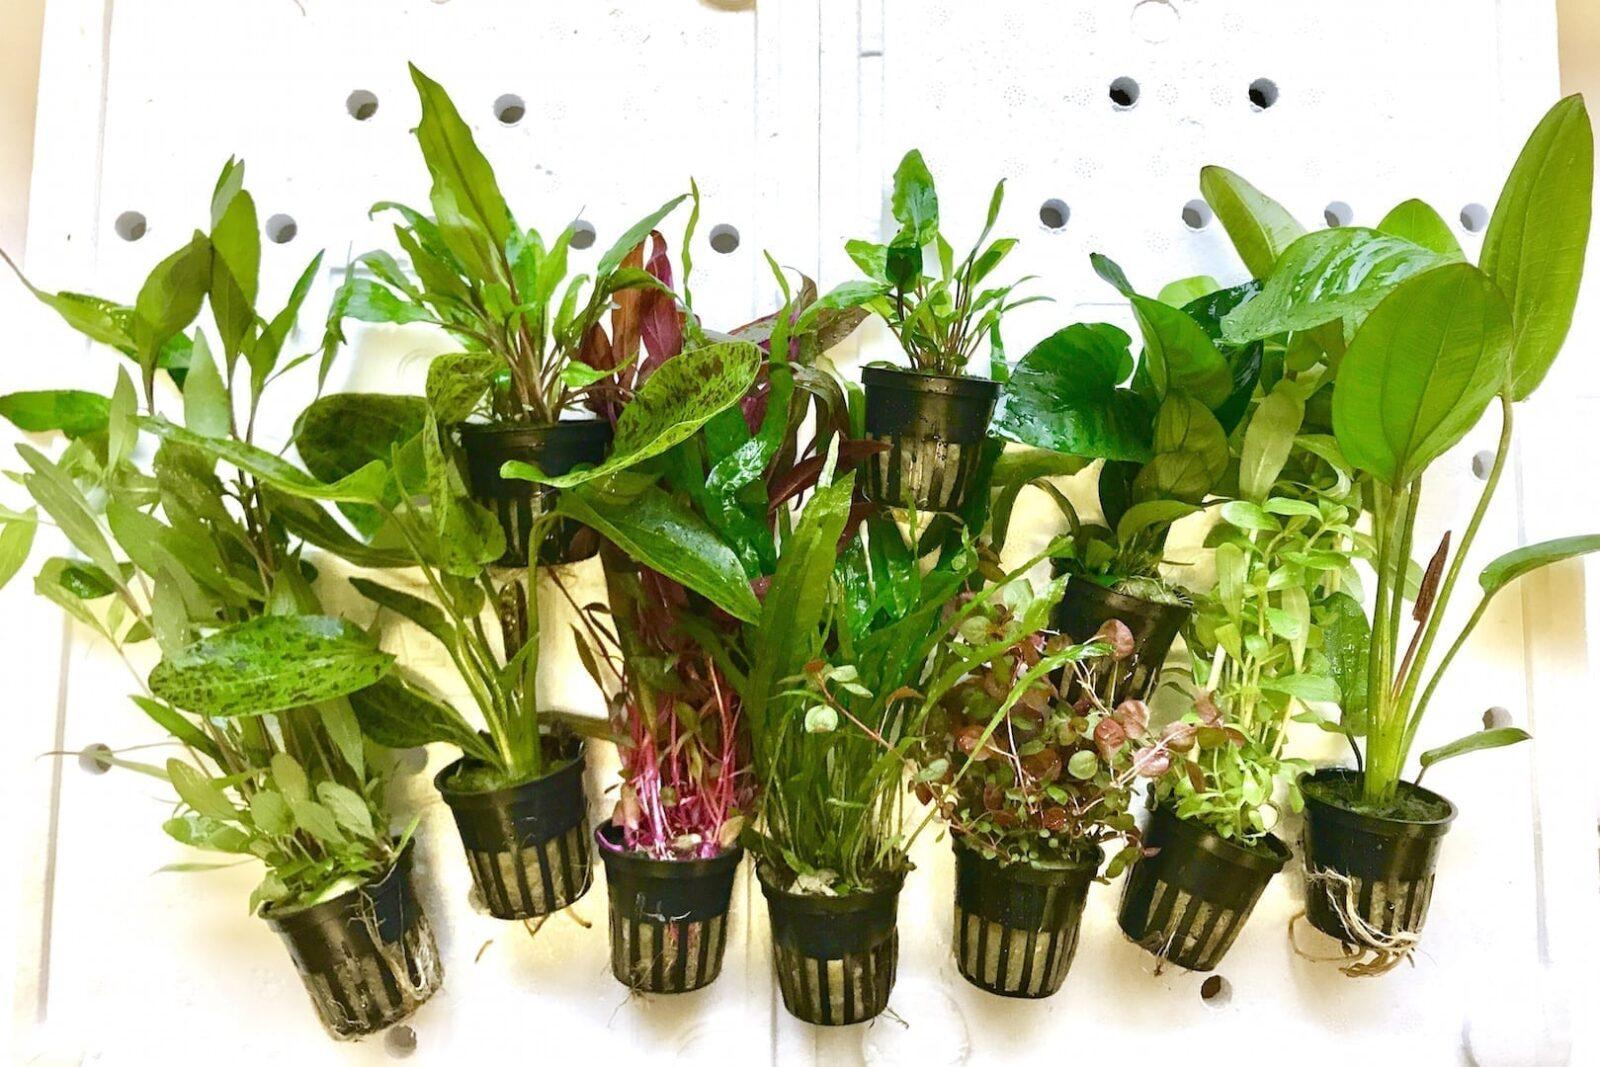 AssortedTropicapotPlants Aquaticplant